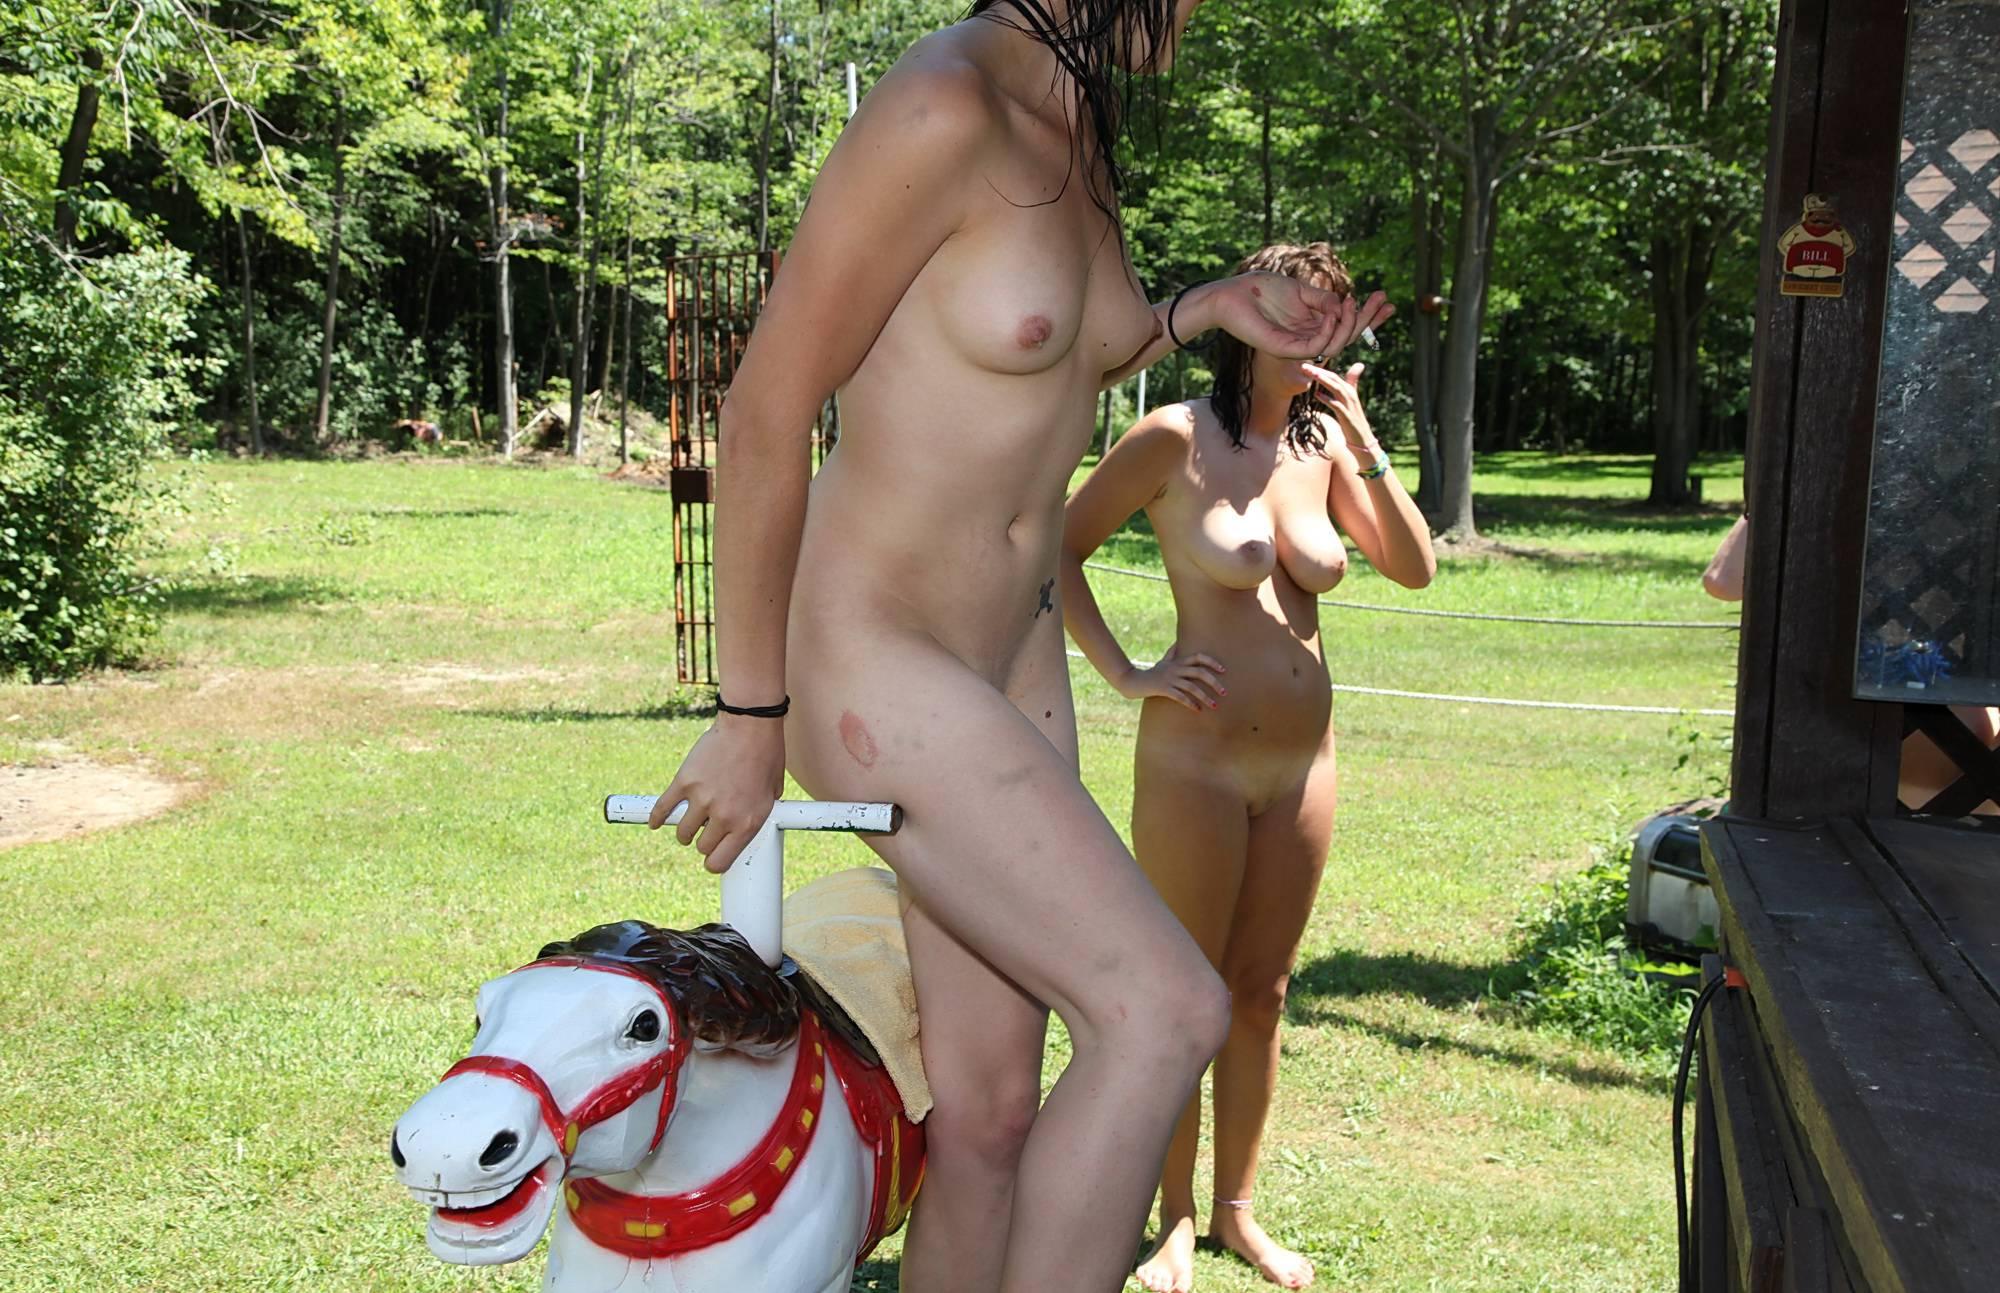 Nudist Photos Nude Pony Ride Attraction - 2